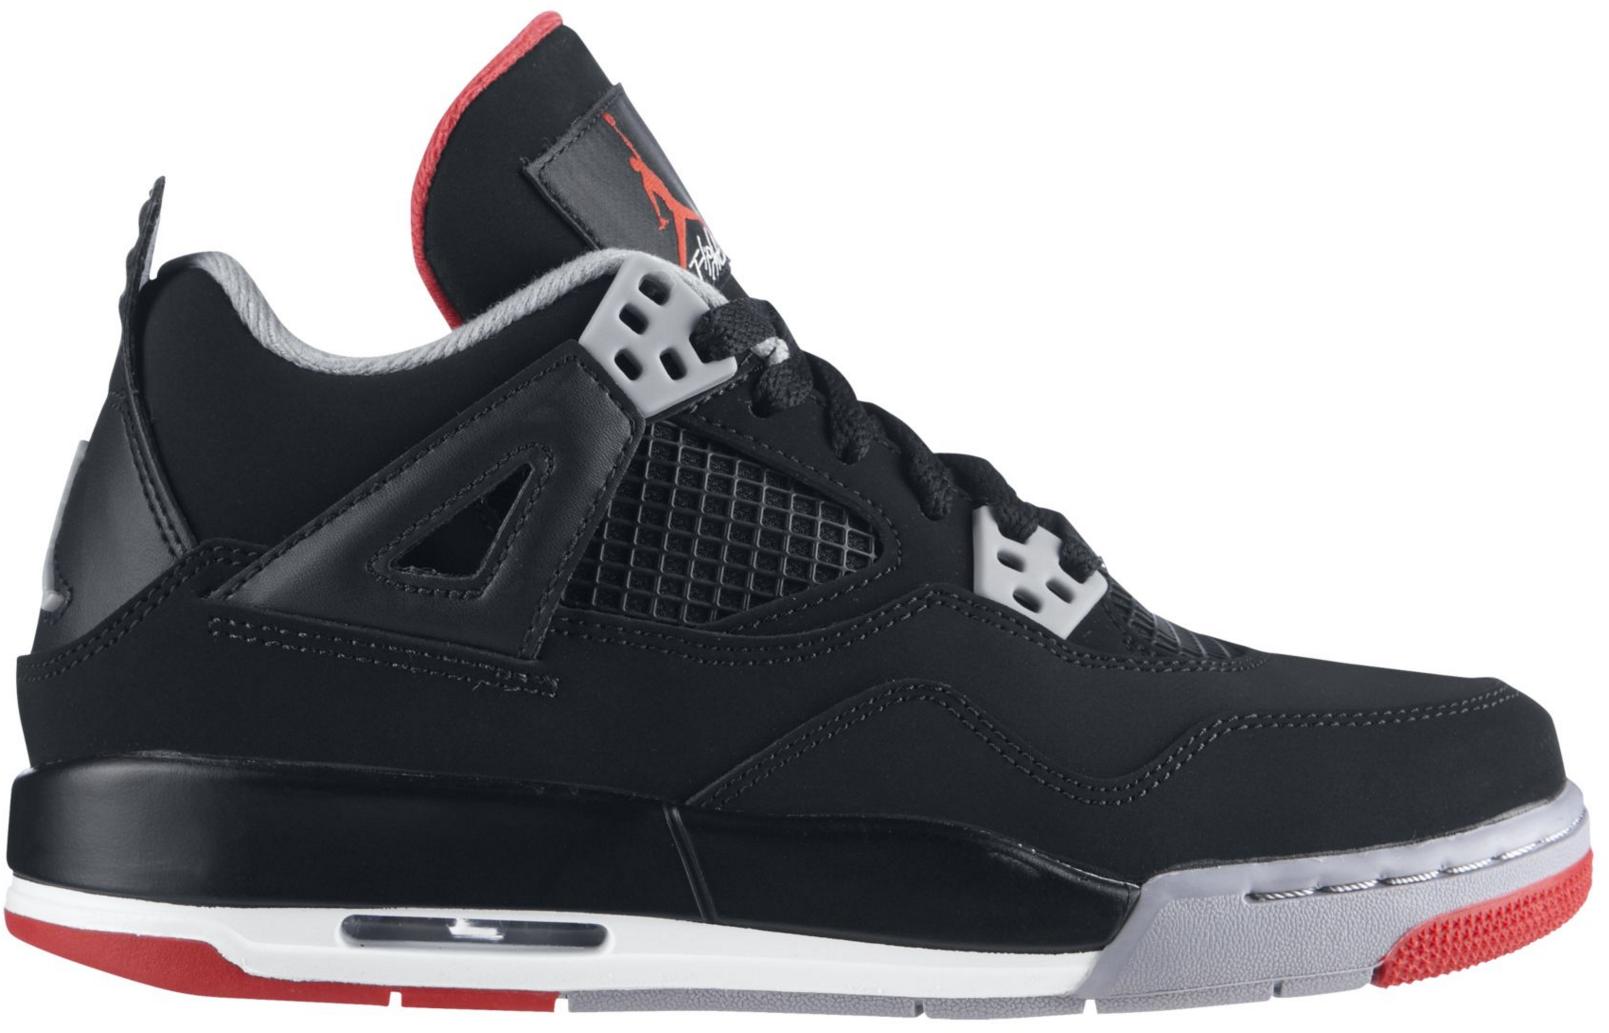 Jordan 4 Retro Black Cement 2012 (GS